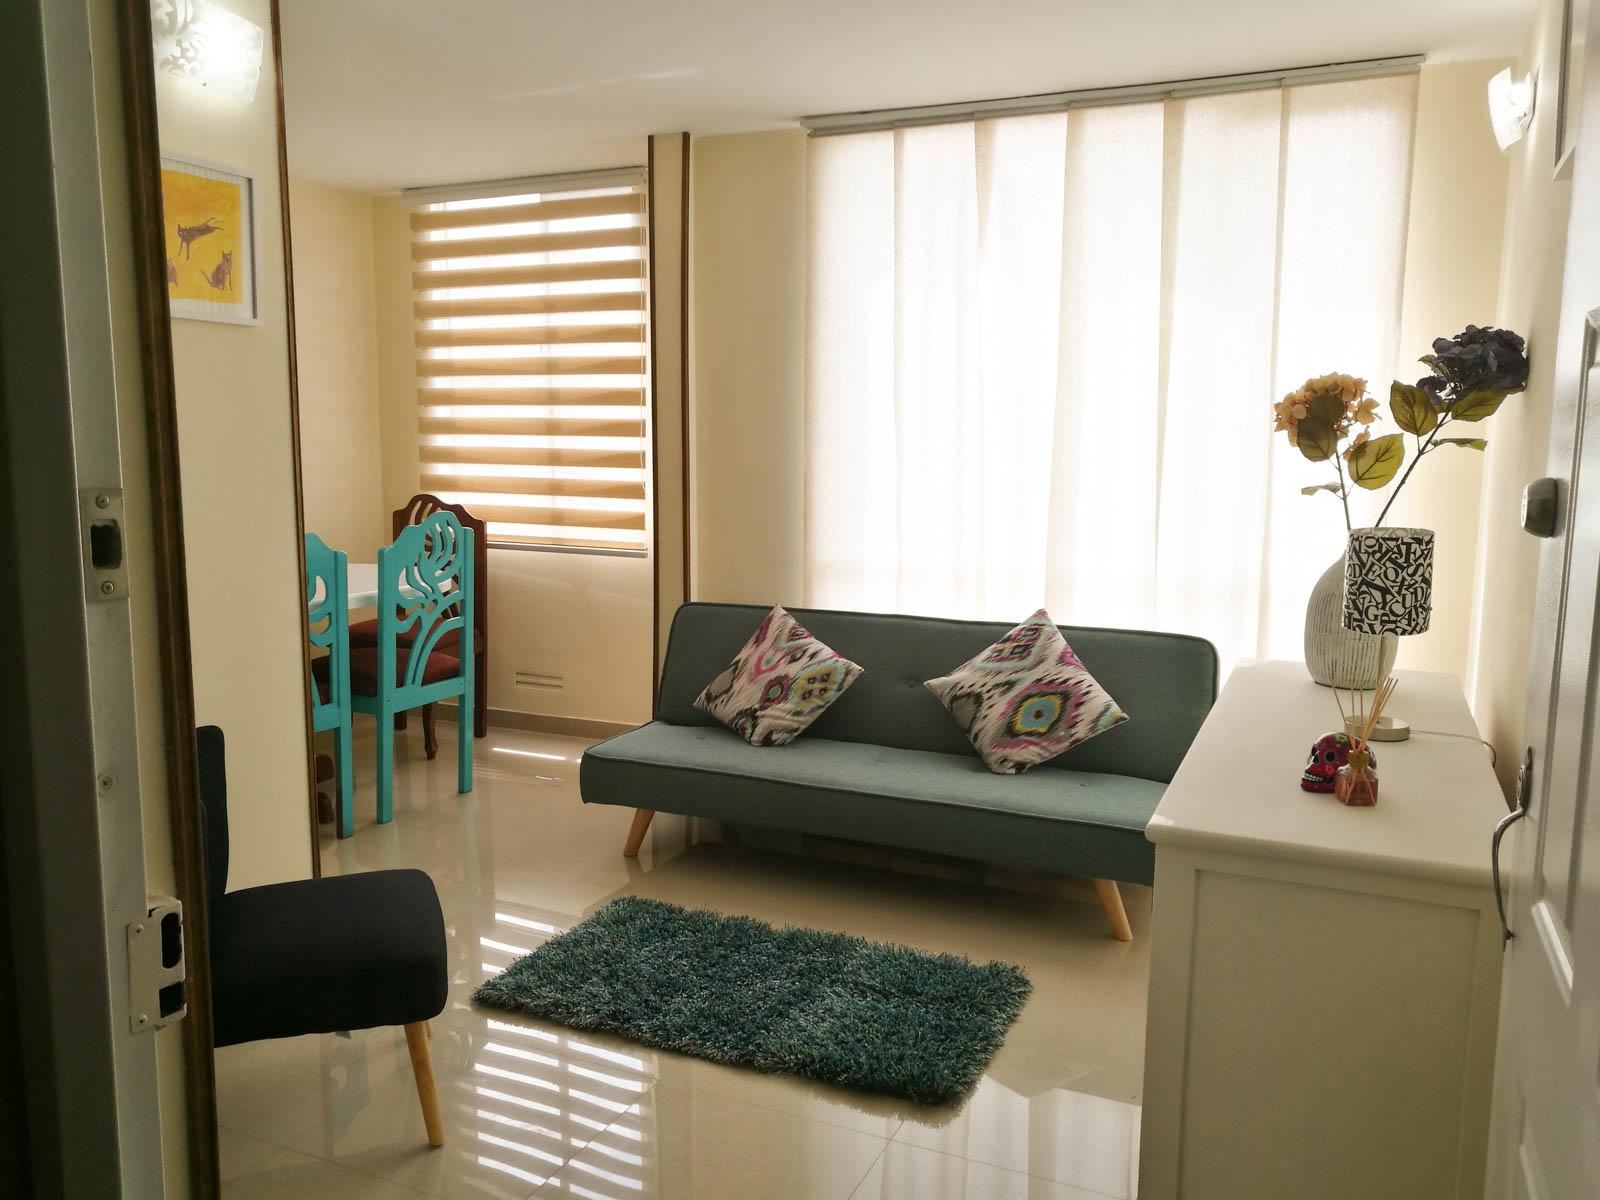 Wohnung in Bogotas Savanne mit Parkplatz und Wifi Bis zu 6 in Tocancipa